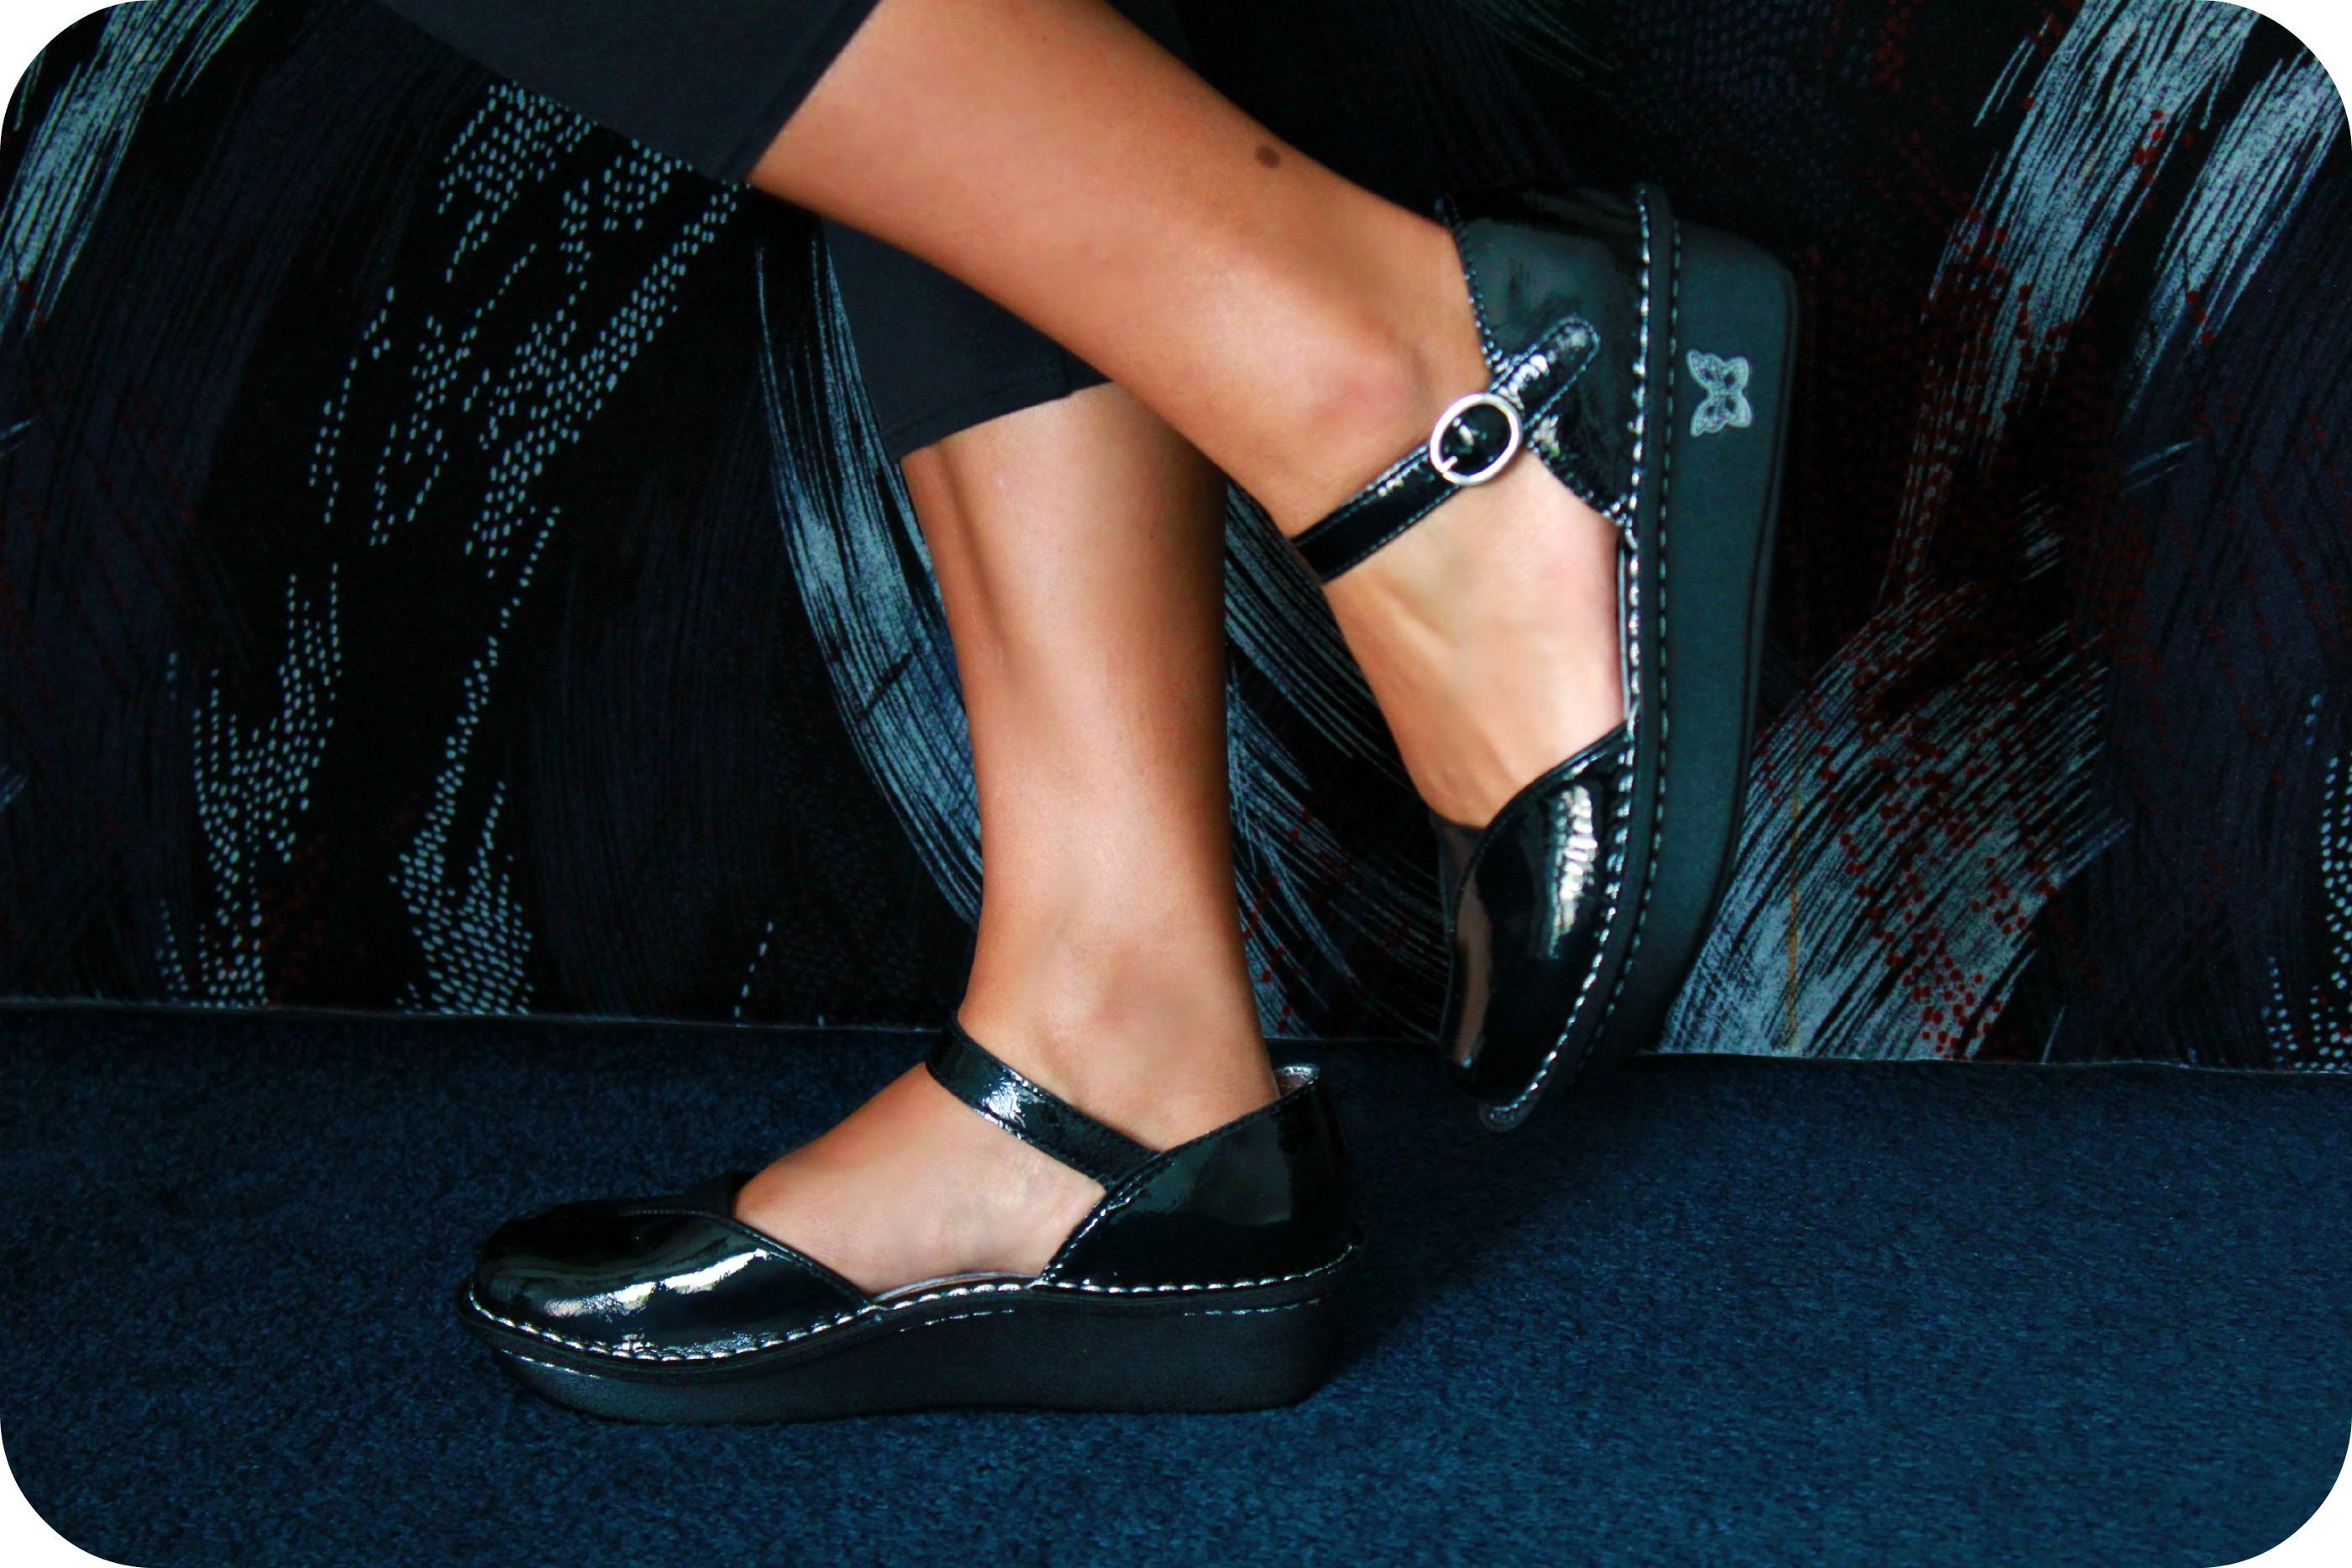 Alegria Shoes Review